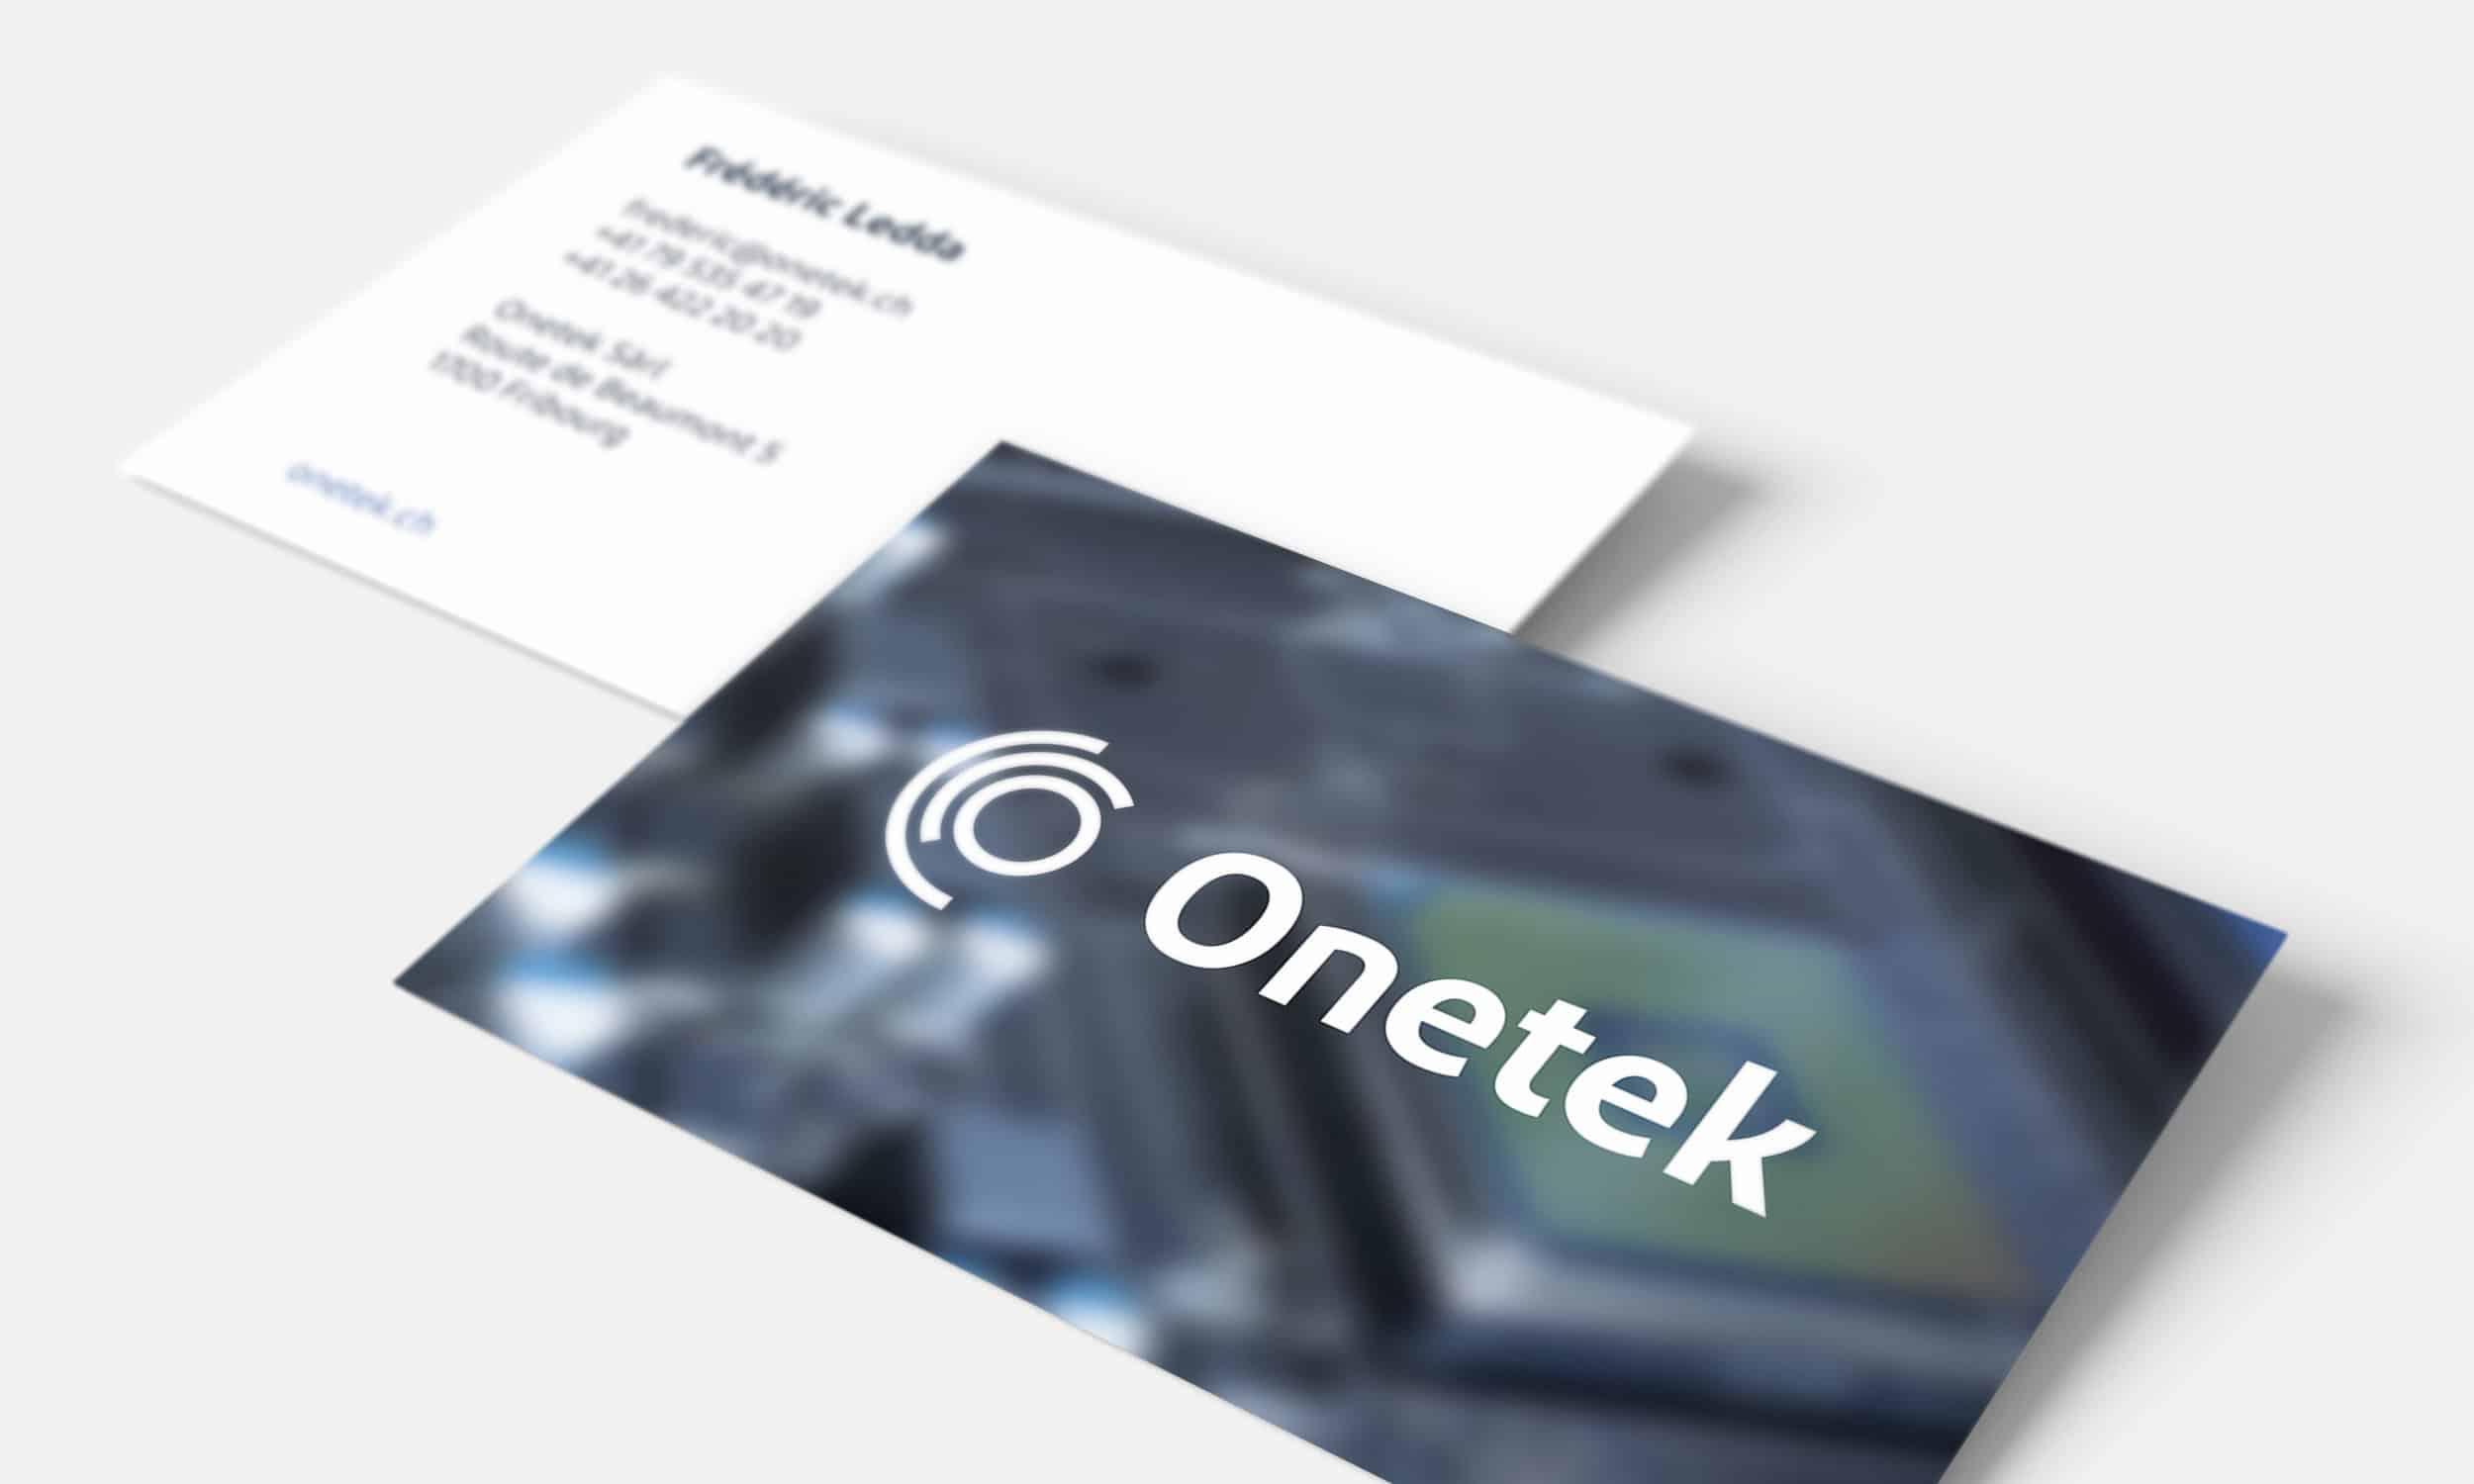 Projet Onetek